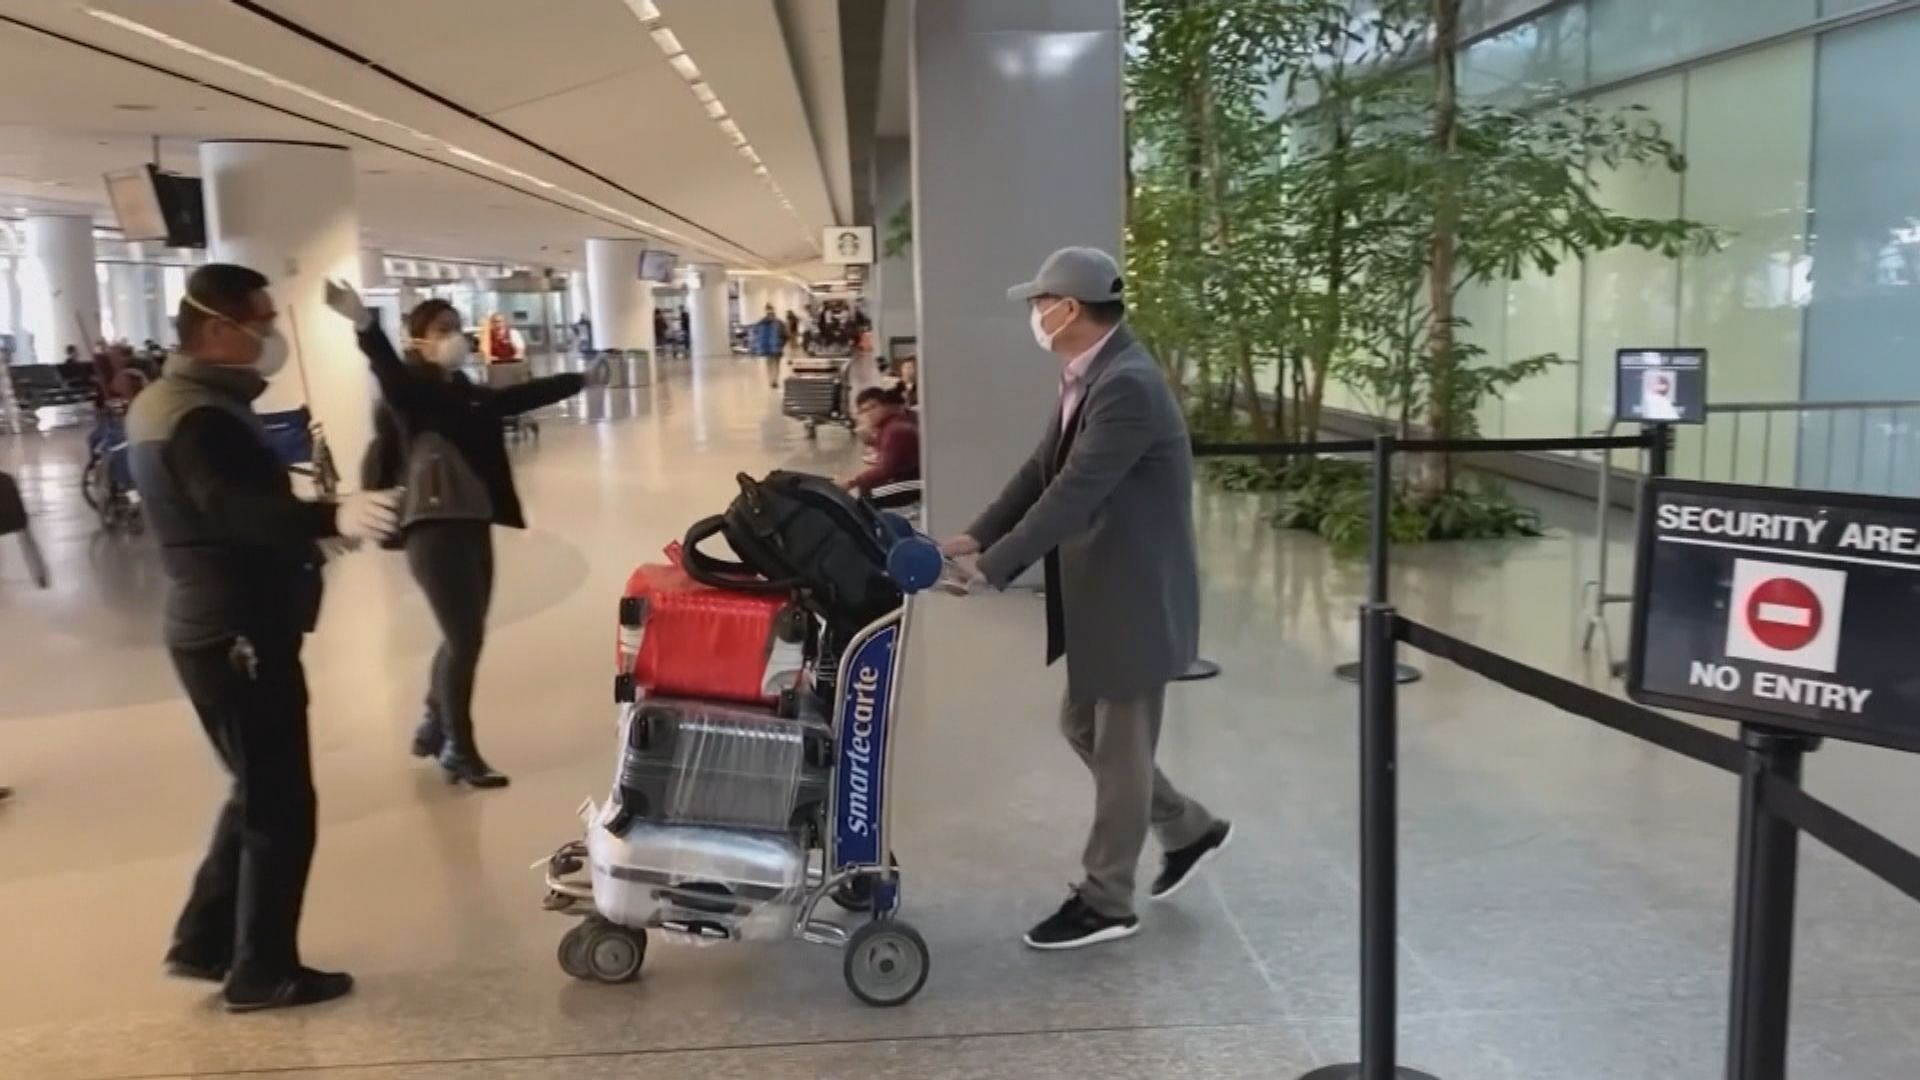 澳洲即日起拒絕所有來自中國大陸人士入境至少兩周